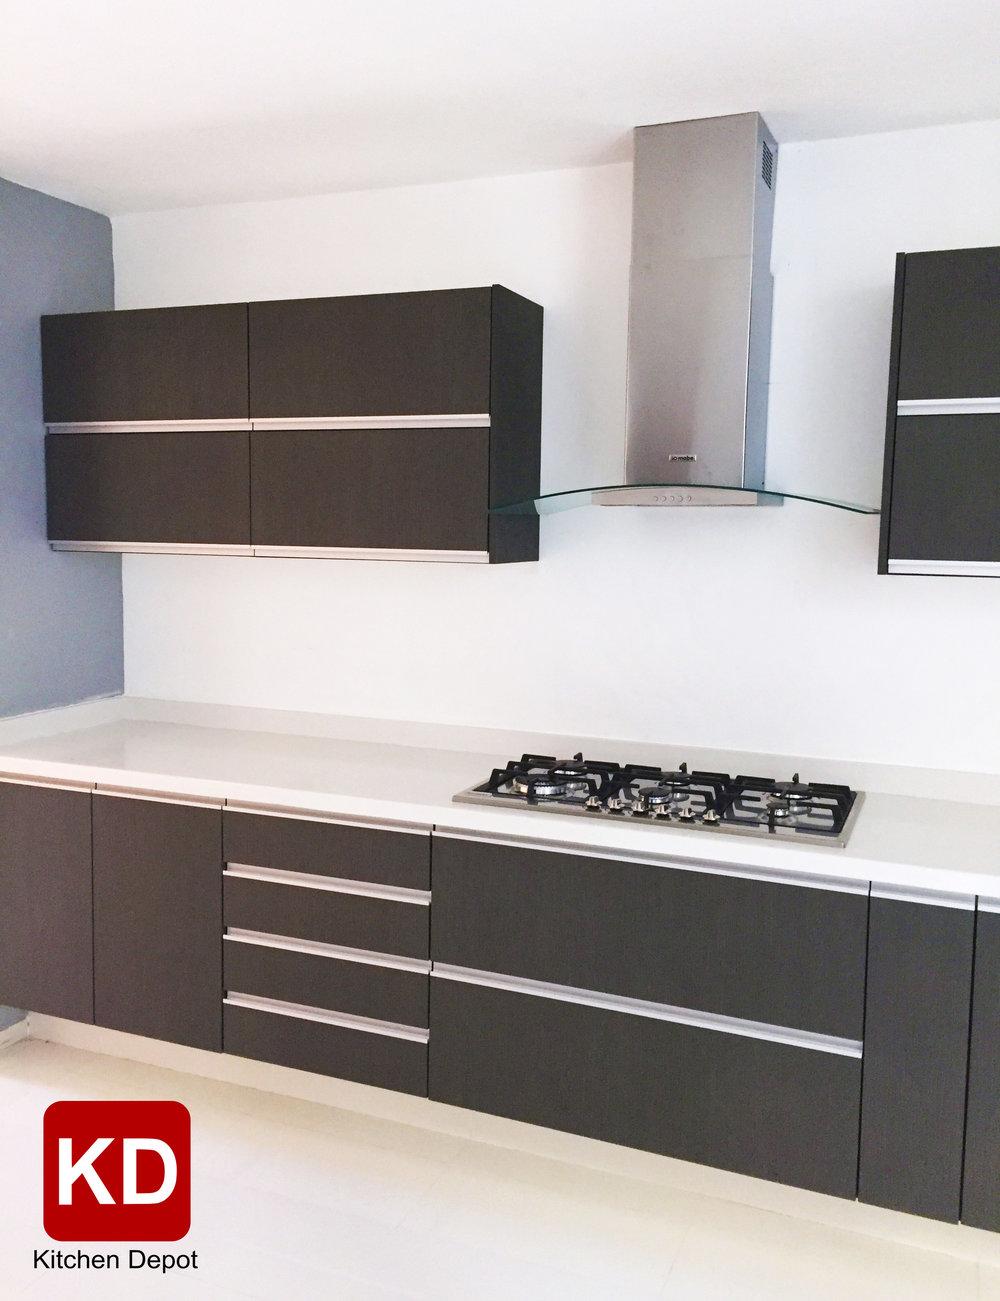 Proyectos — Cocinas Integrales en Guadalajara | Kitchen Depot ...